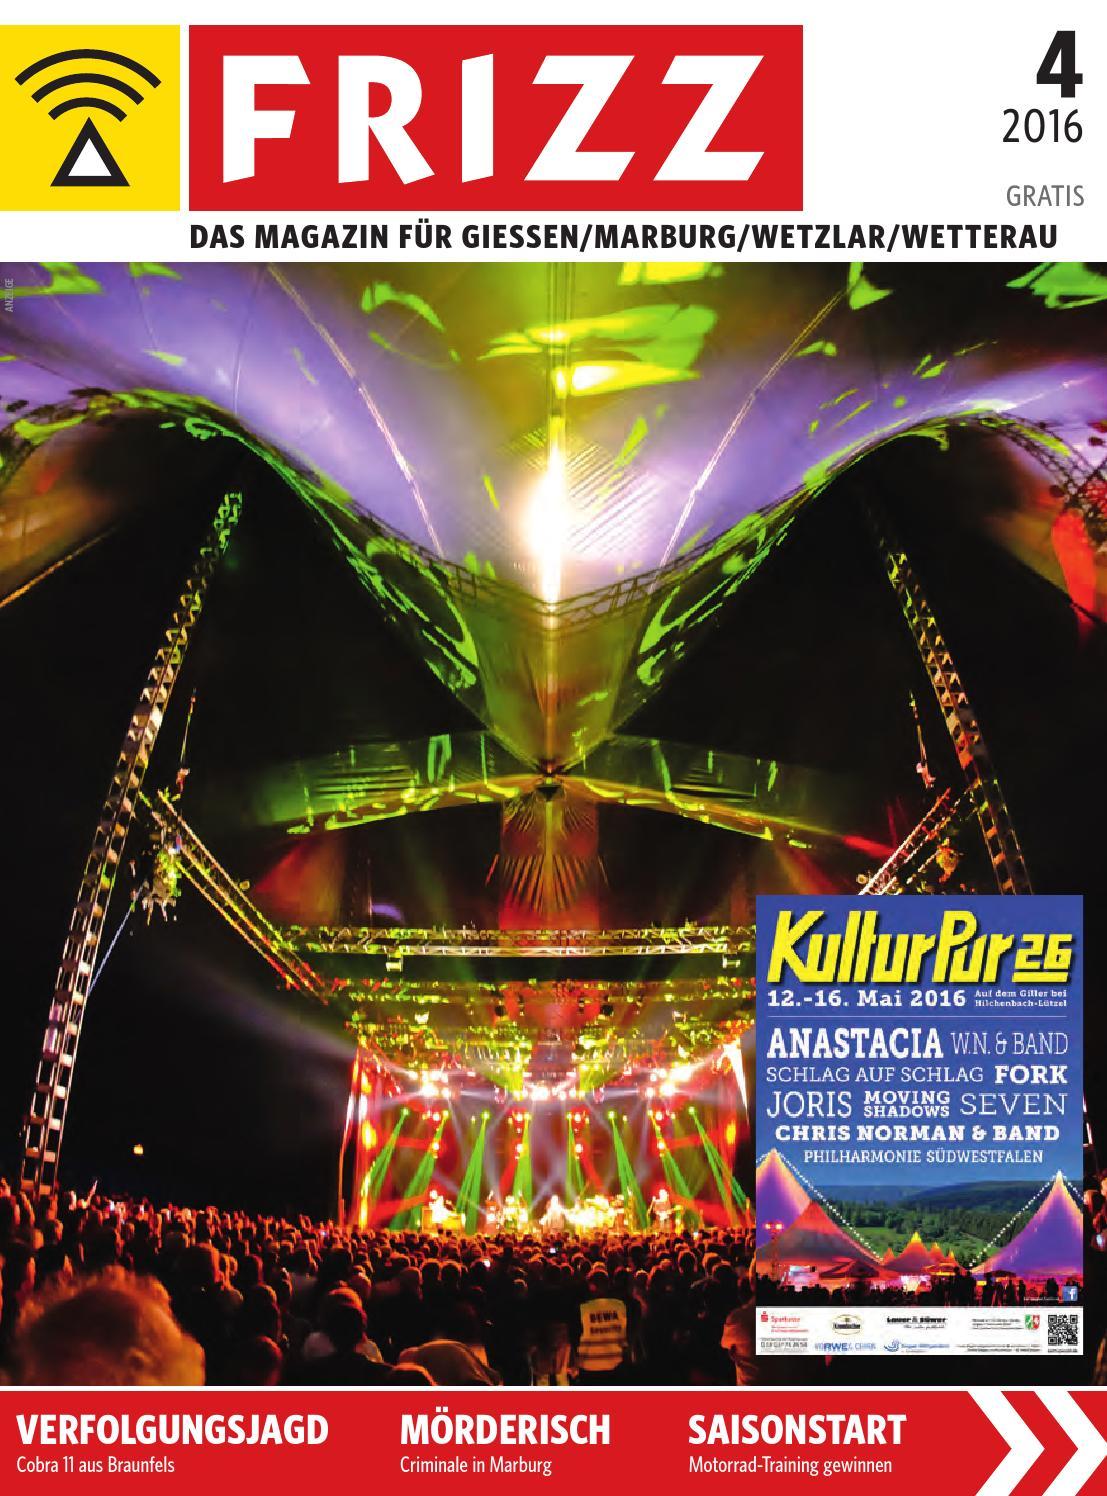 Frizz Mittelhessen April 8 by Peter Hoffmann   issuu